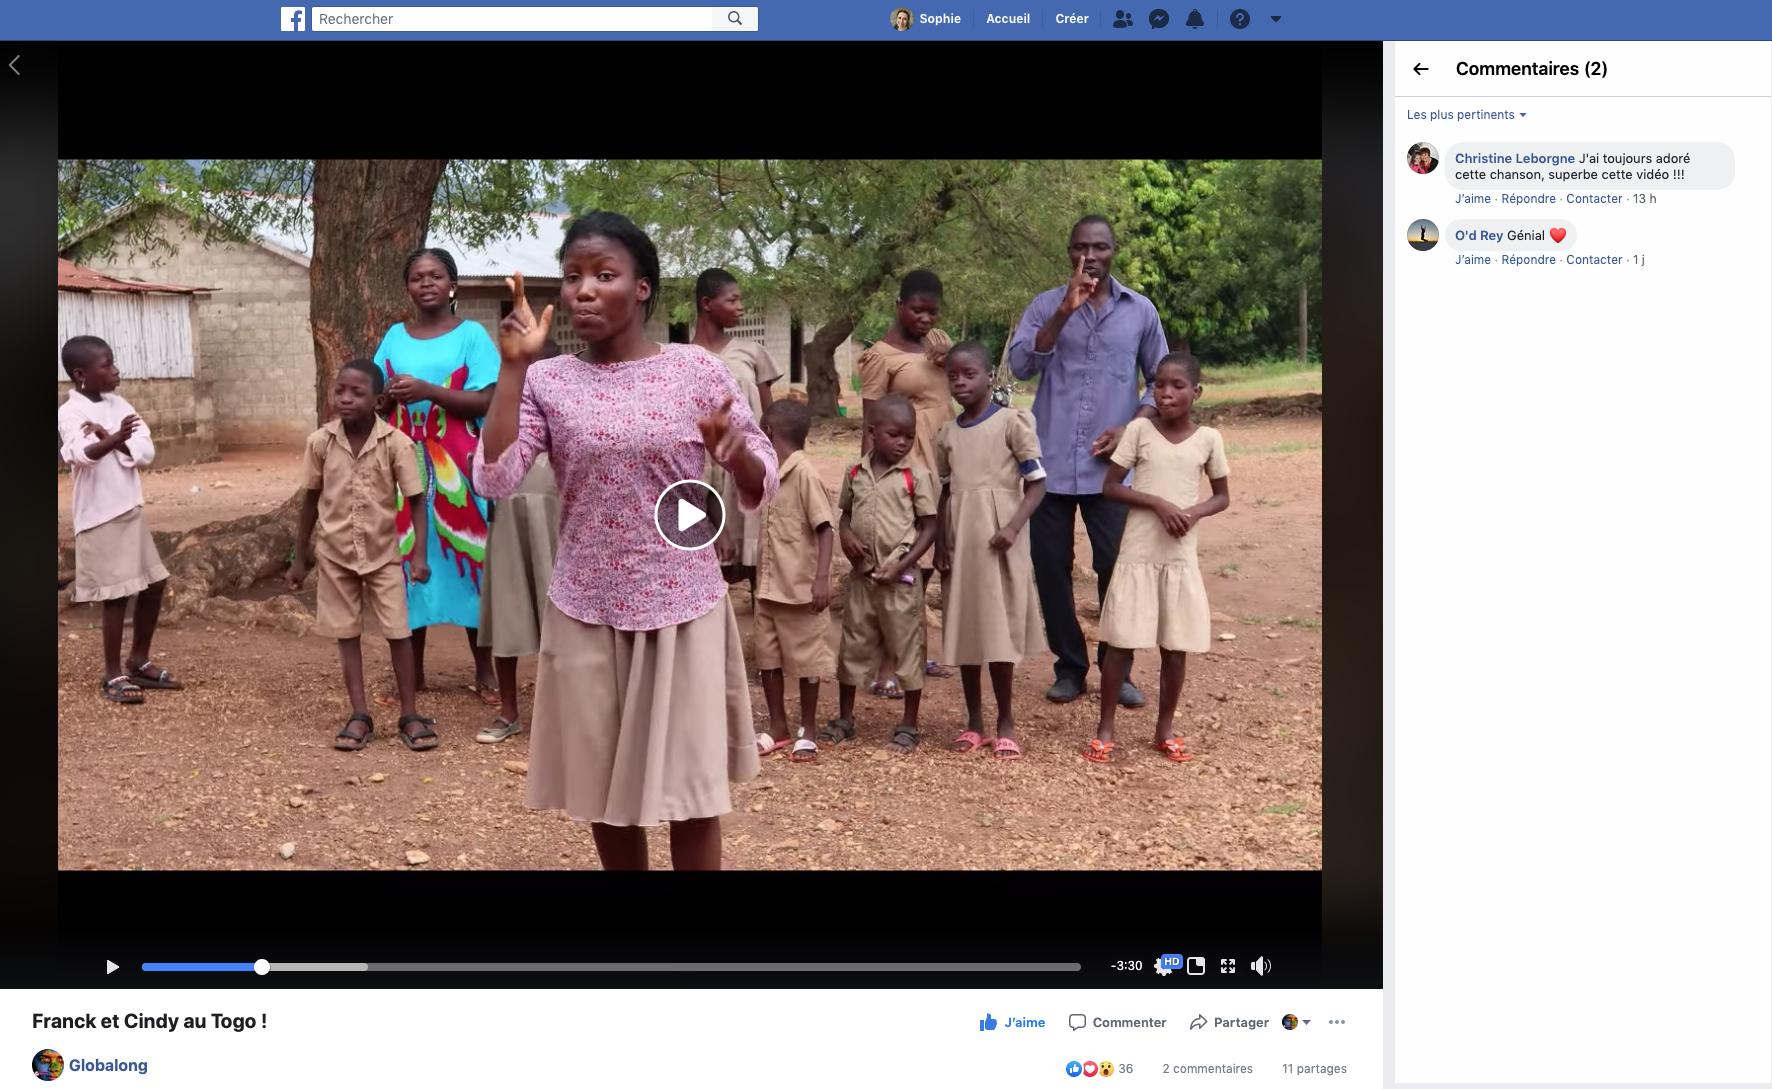 Le Togo en musique avec Globalong